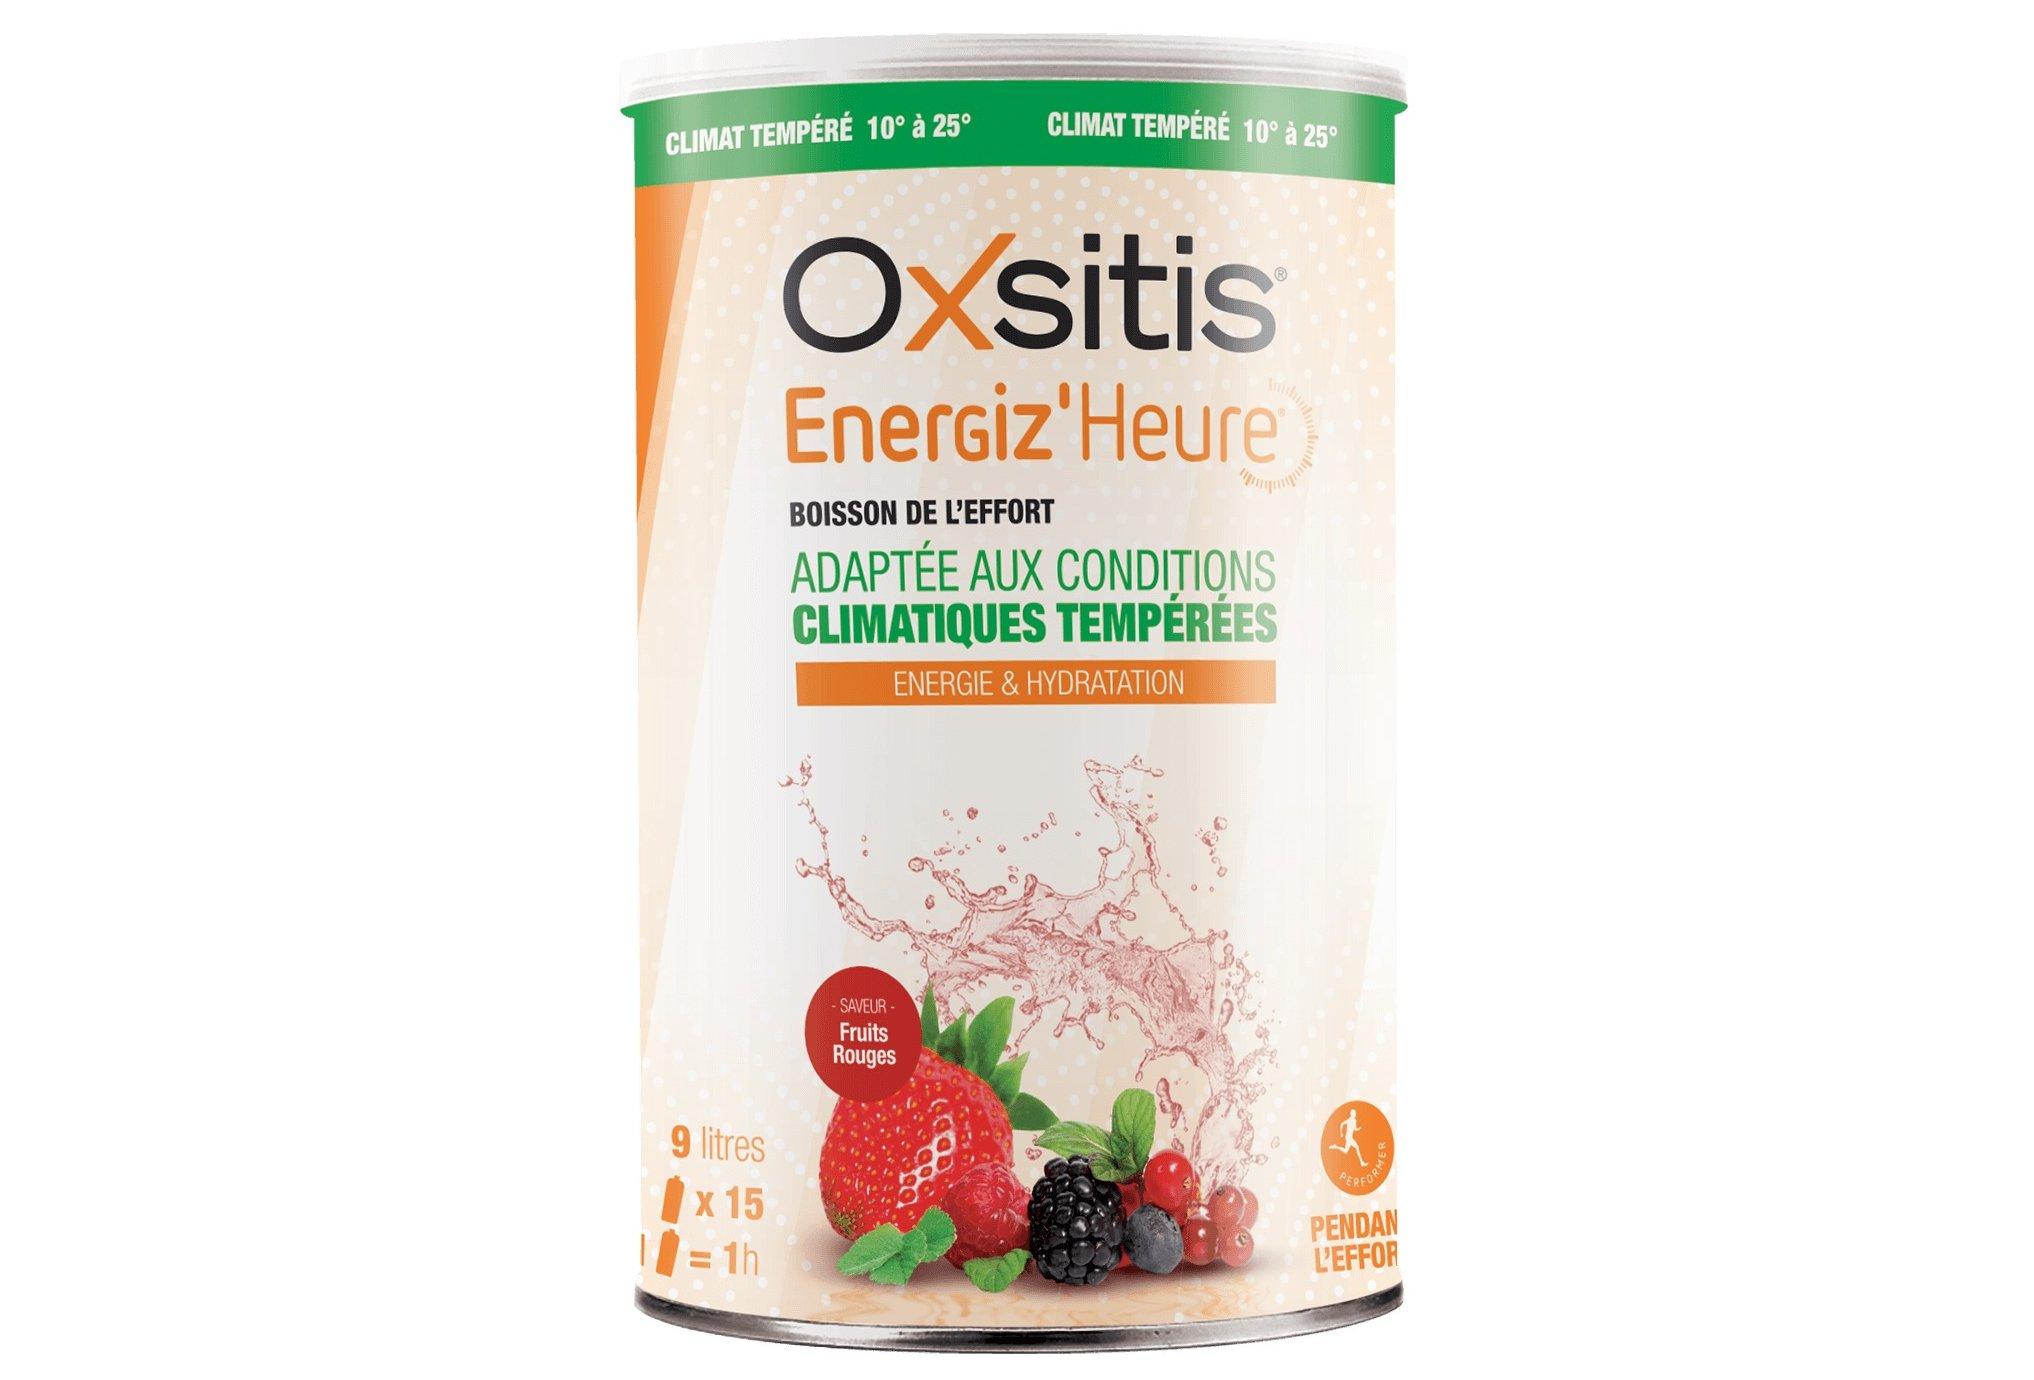 Oxsitis Boisson Energiz'Heure Climat Tempéré - Fruits Rouges Diététique Boissons